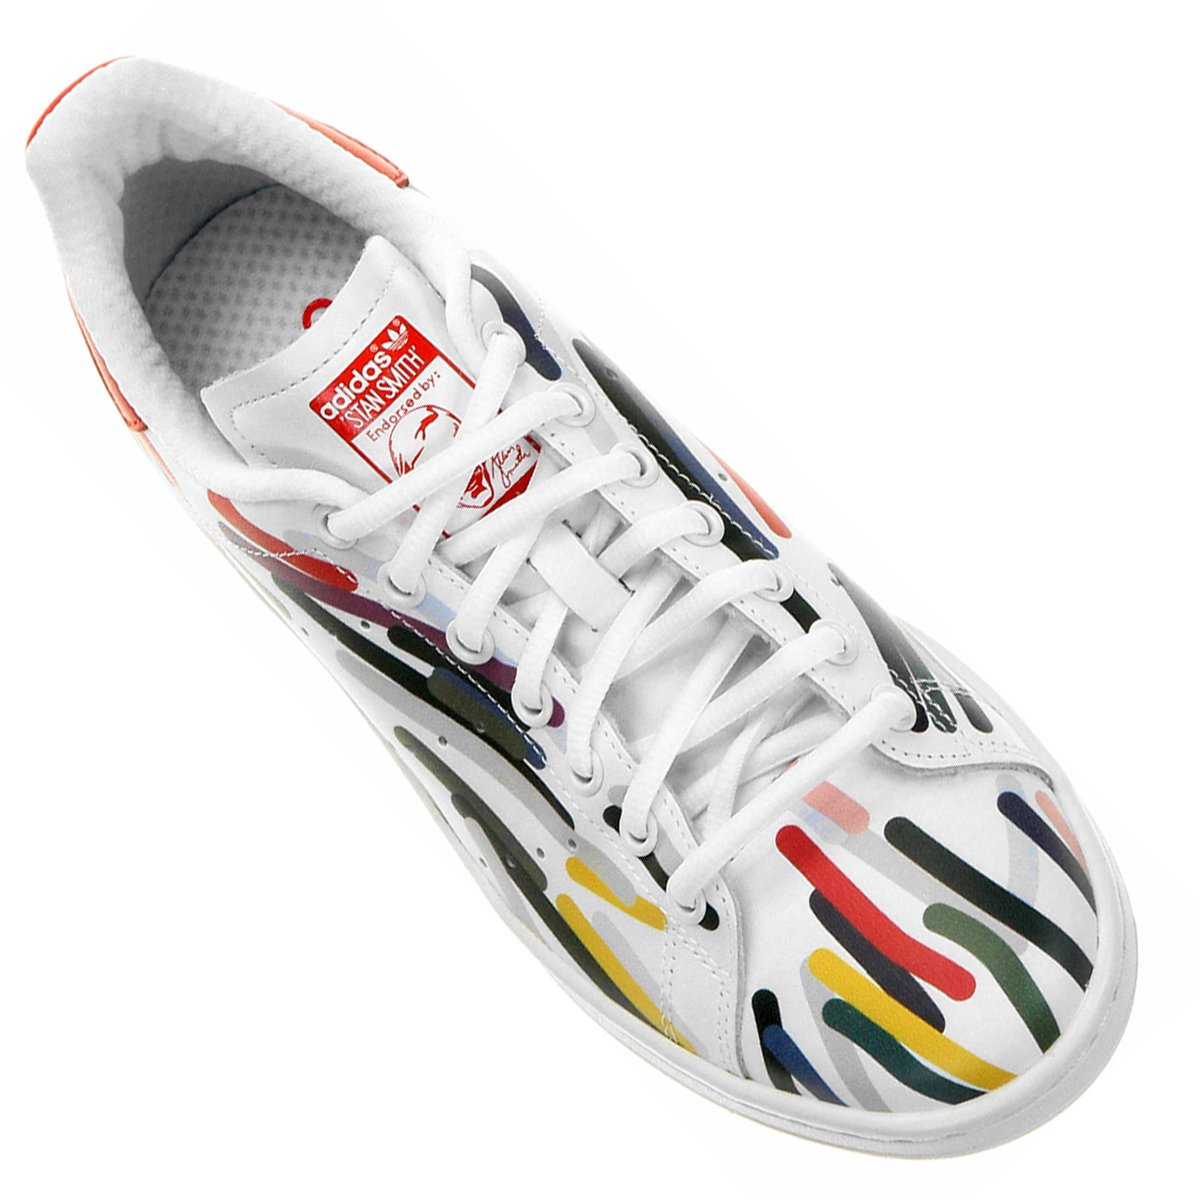 858a2600e8 Tênis Adidas Stan Smith Pharrel - Compre Agora